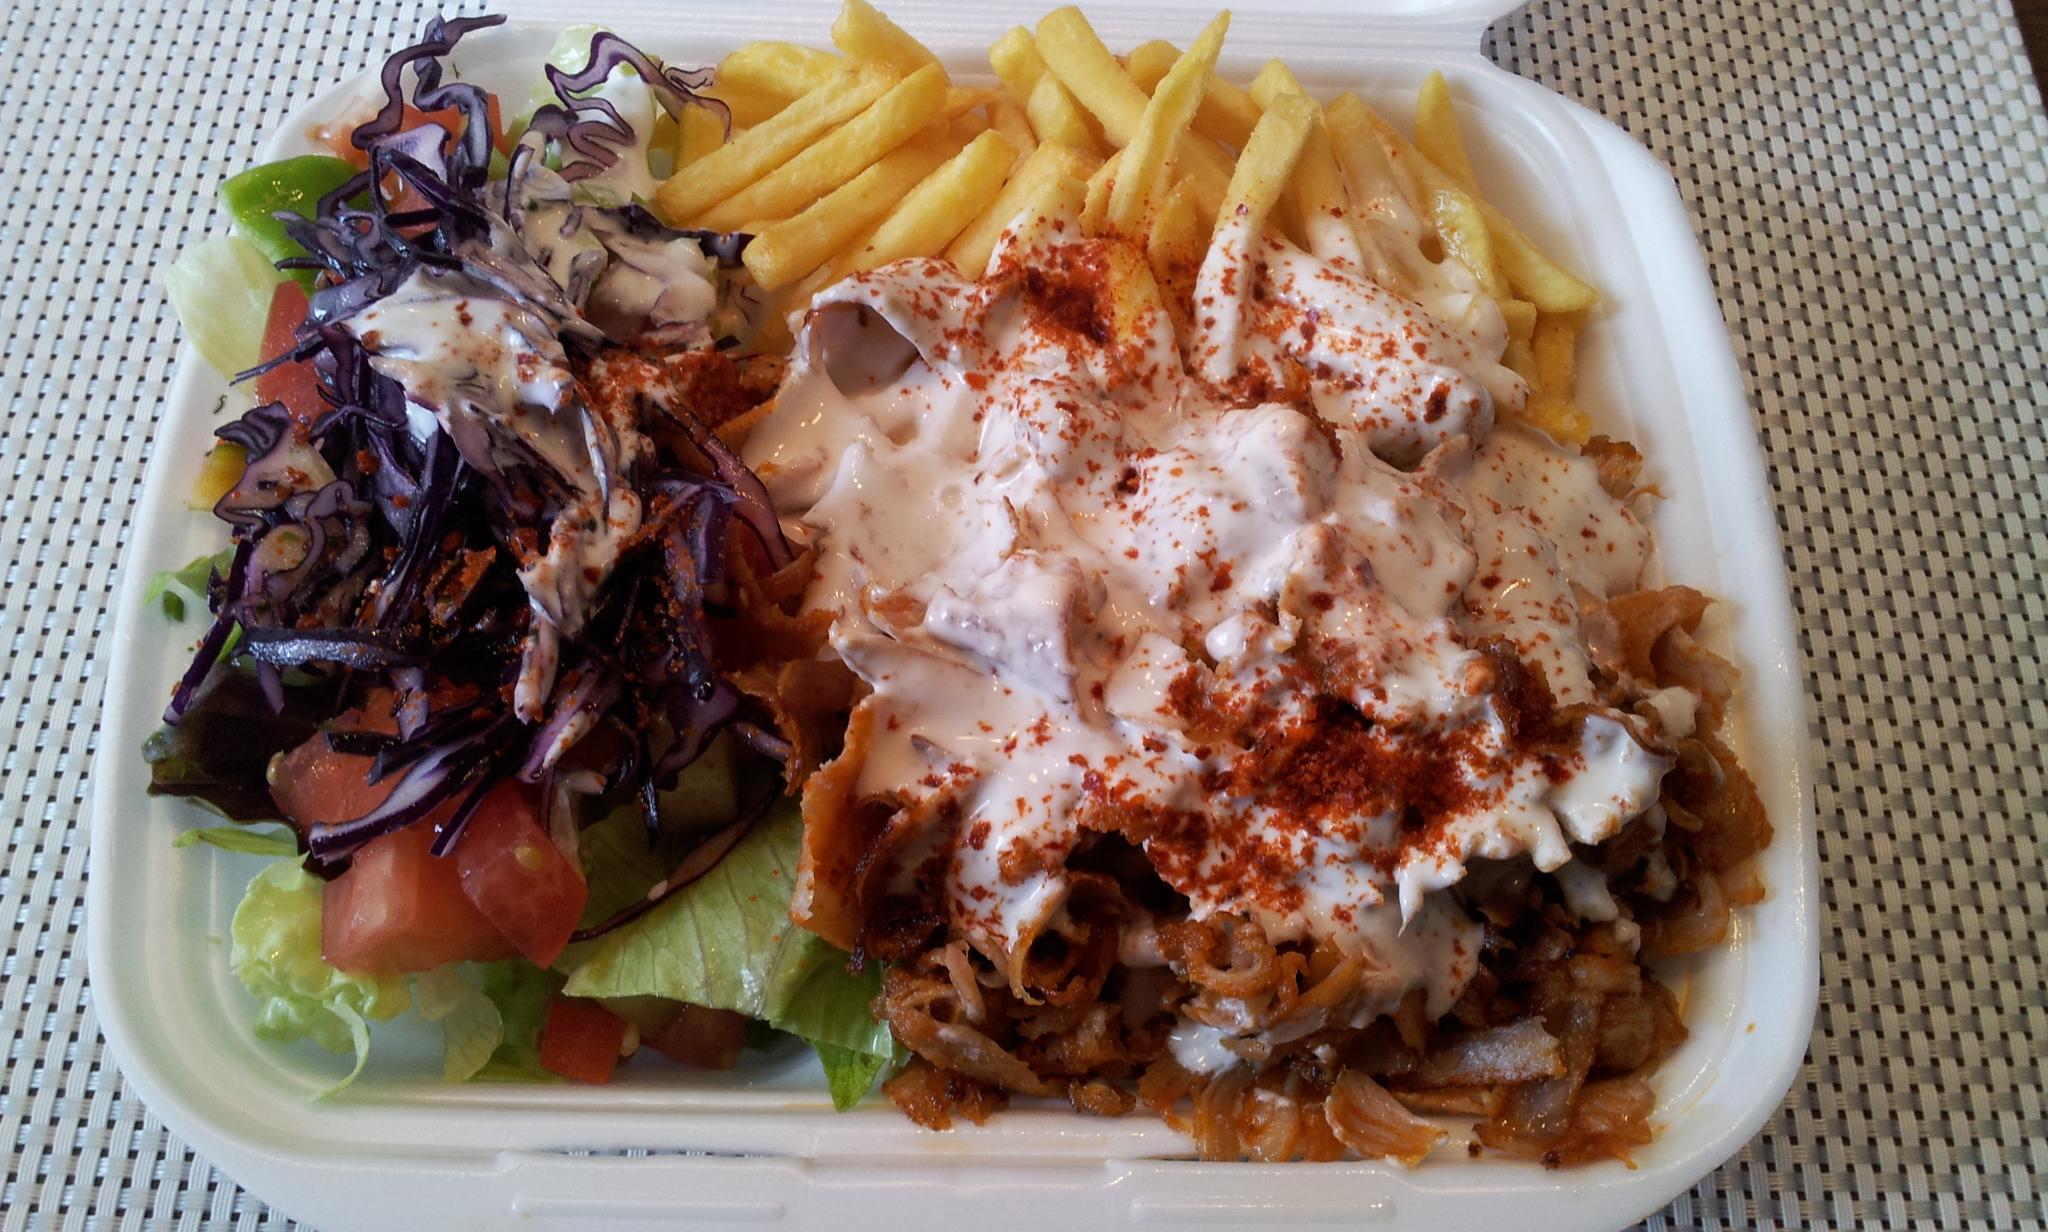 http://foodloader.net/Holz_2014-05-16_Doenerteller.jpg